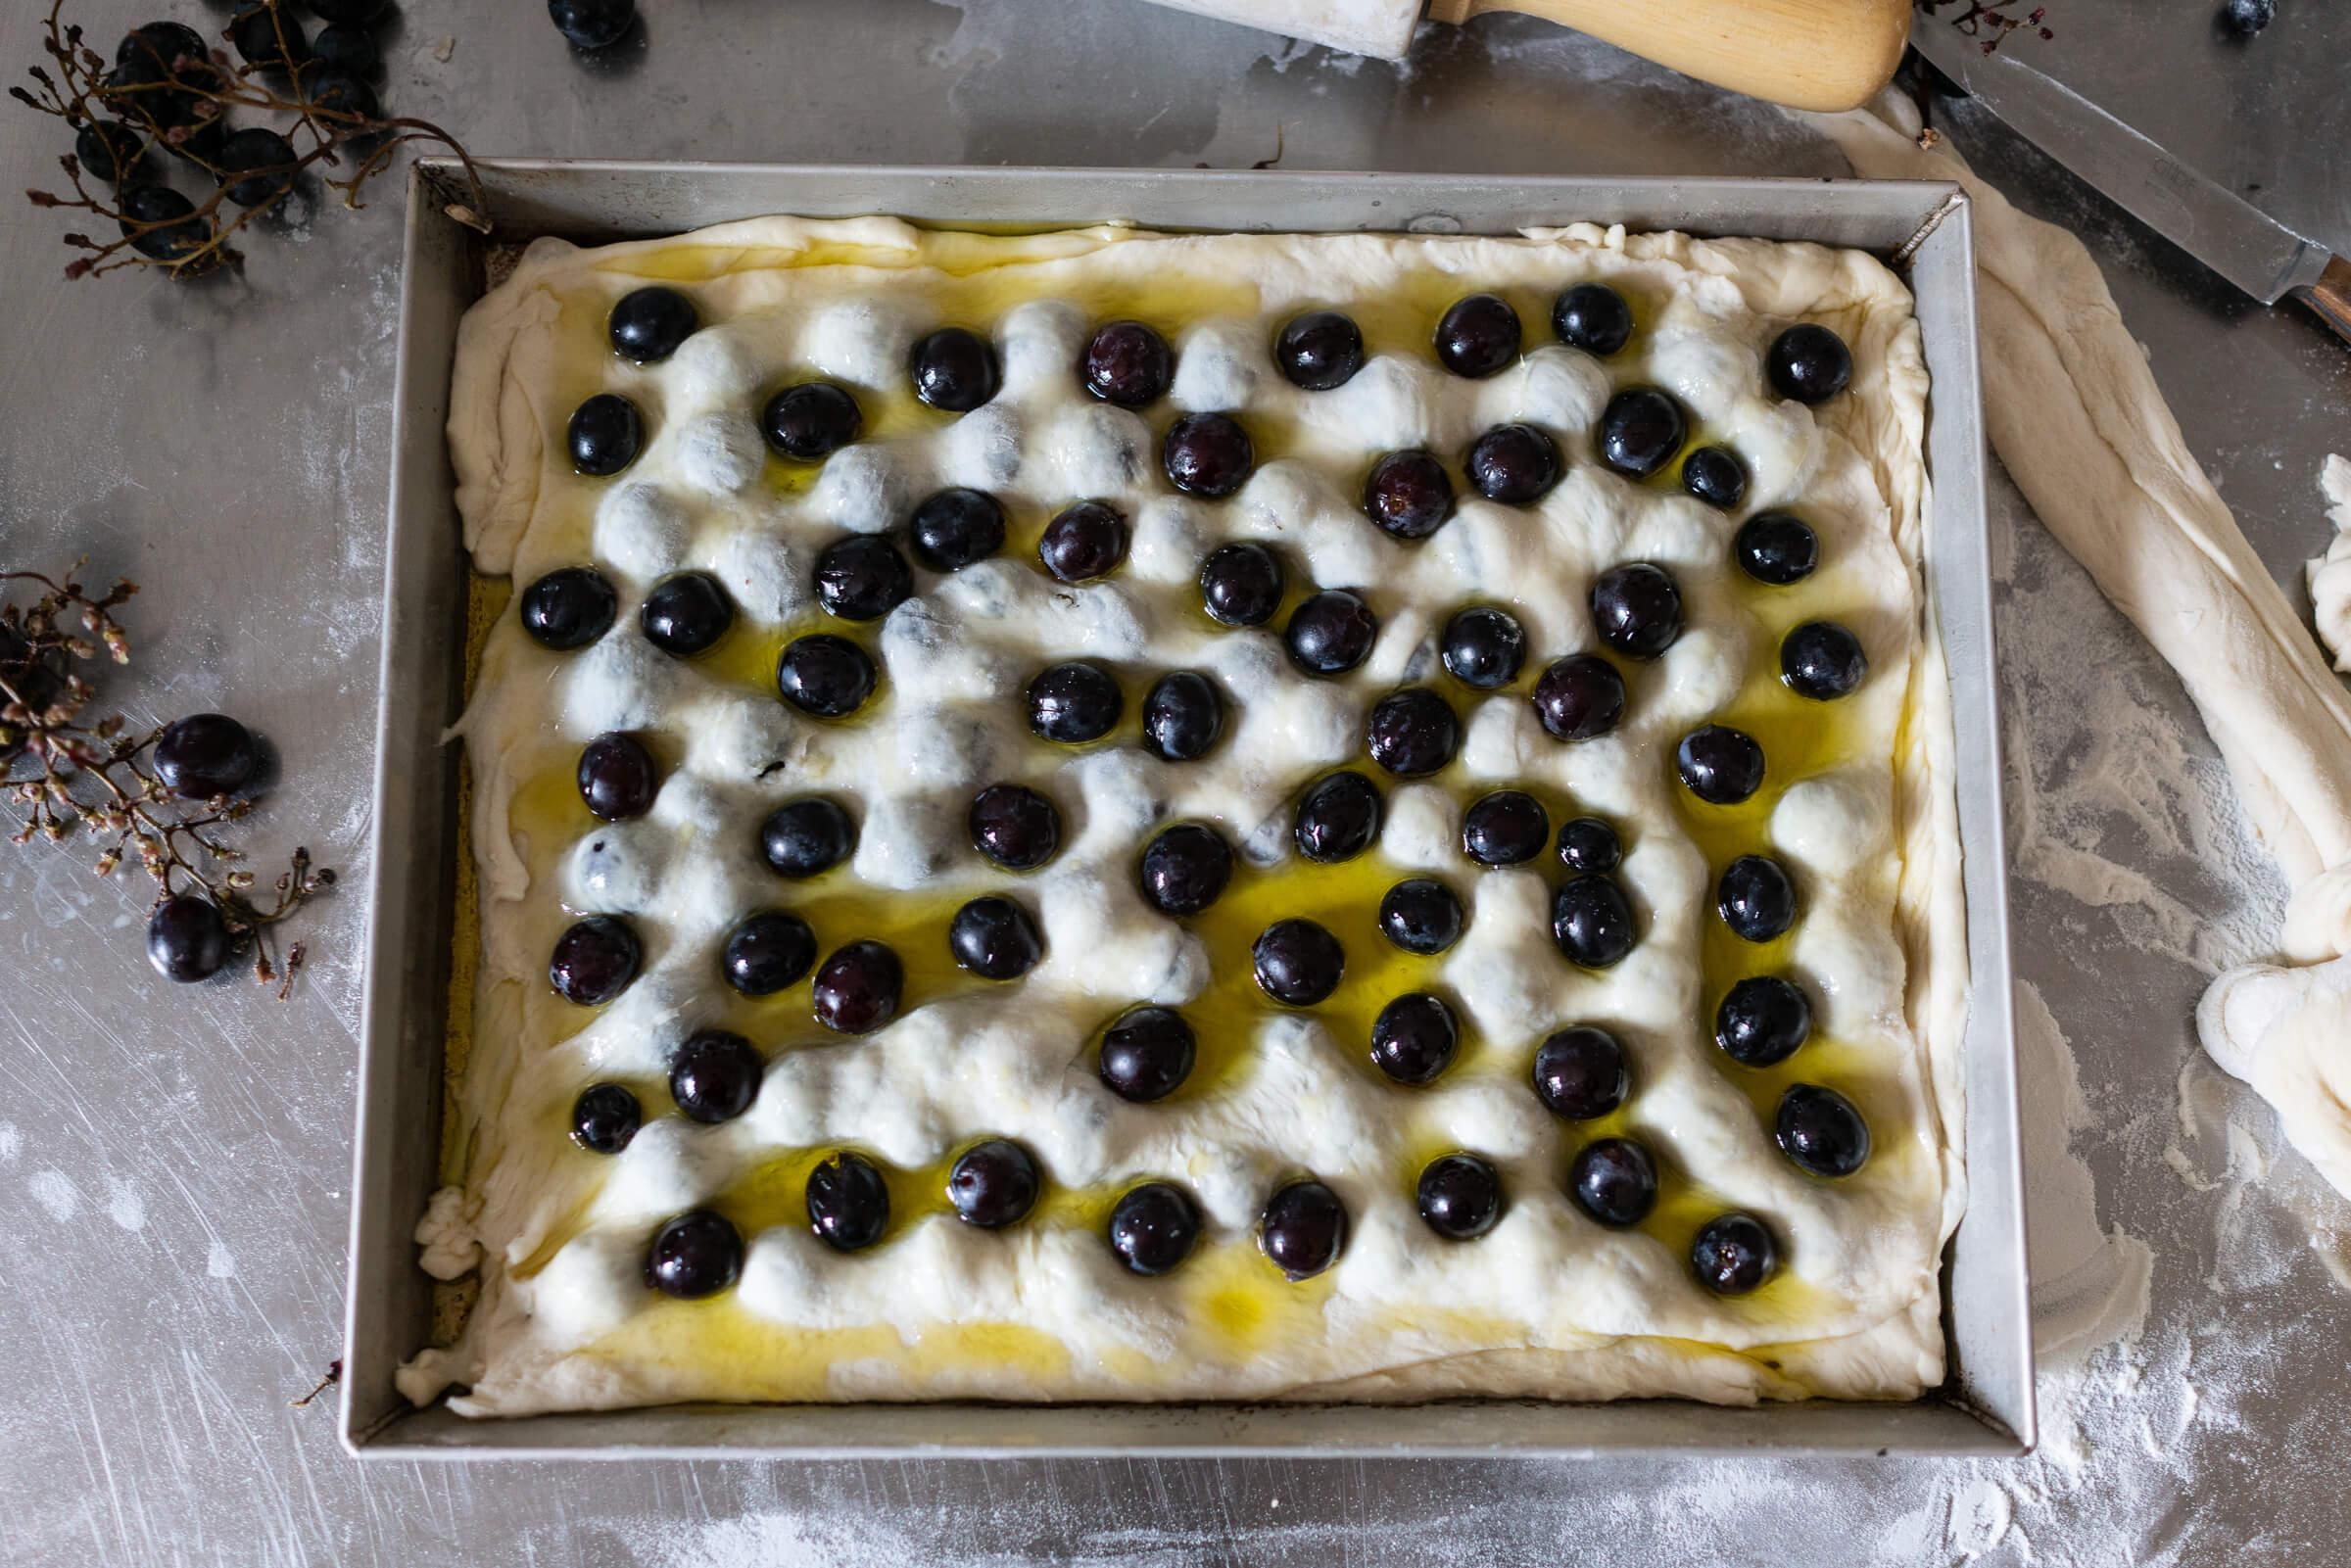 Schiacciata di uva